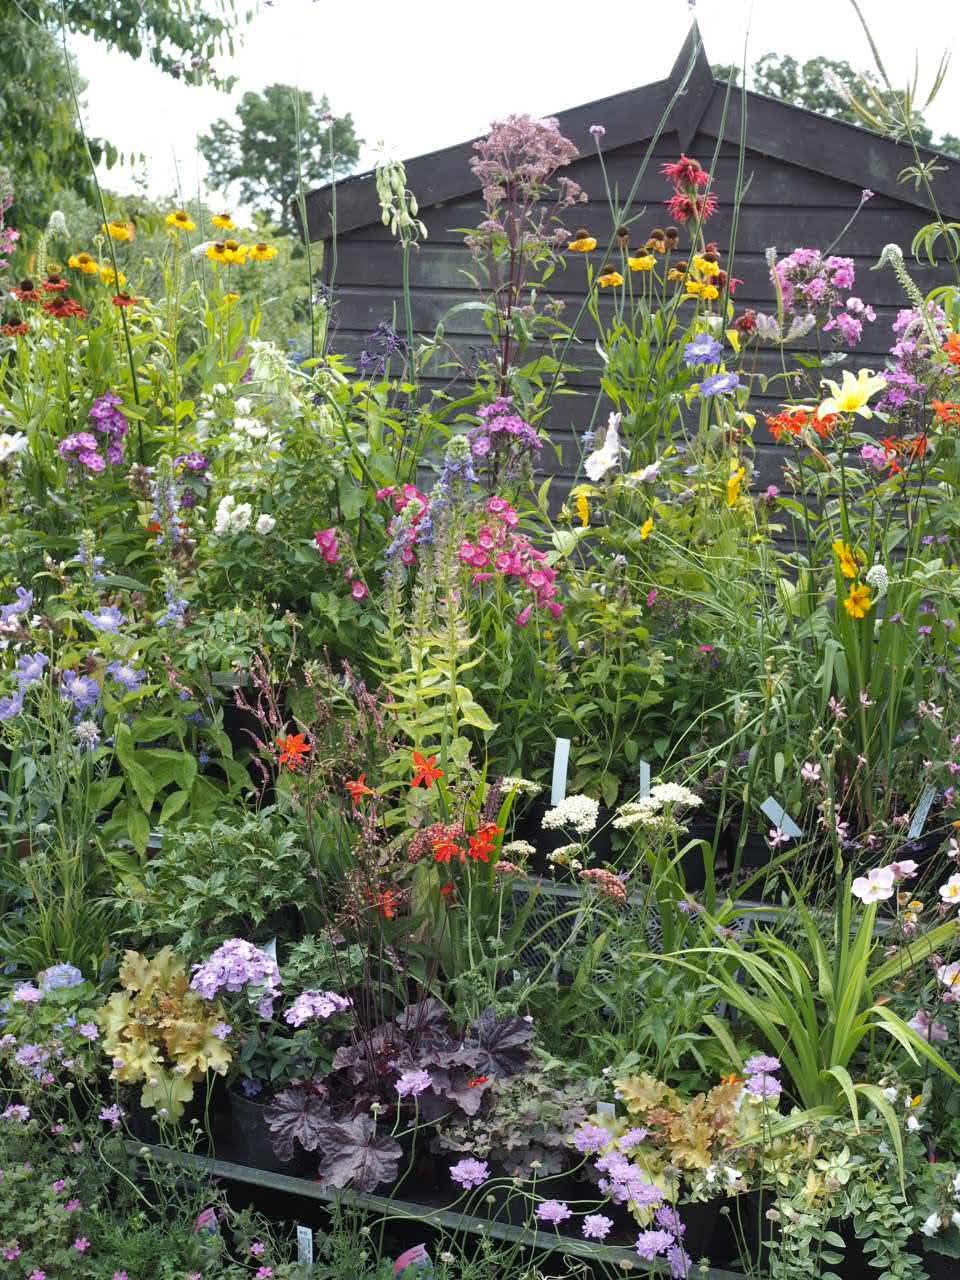 West acre gardens display of garden flowers